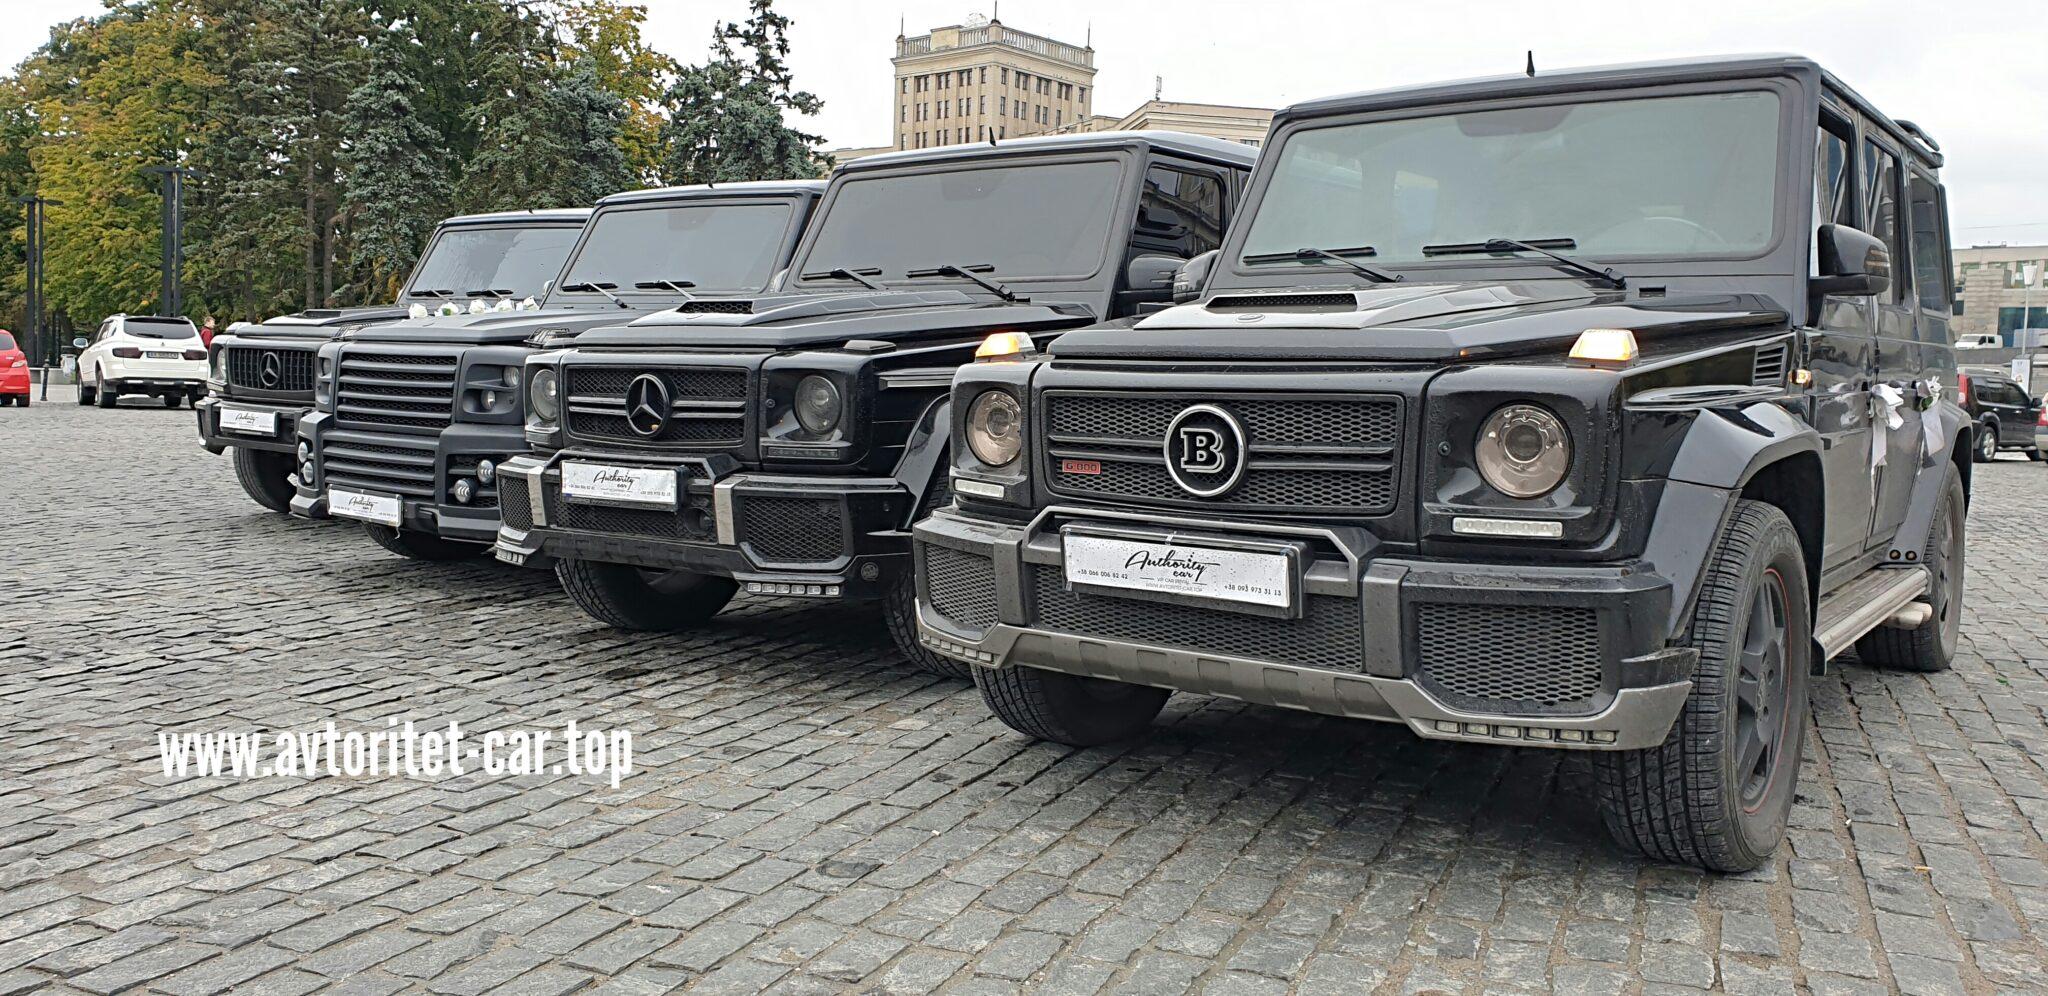 Аренда авто G класс Харьков